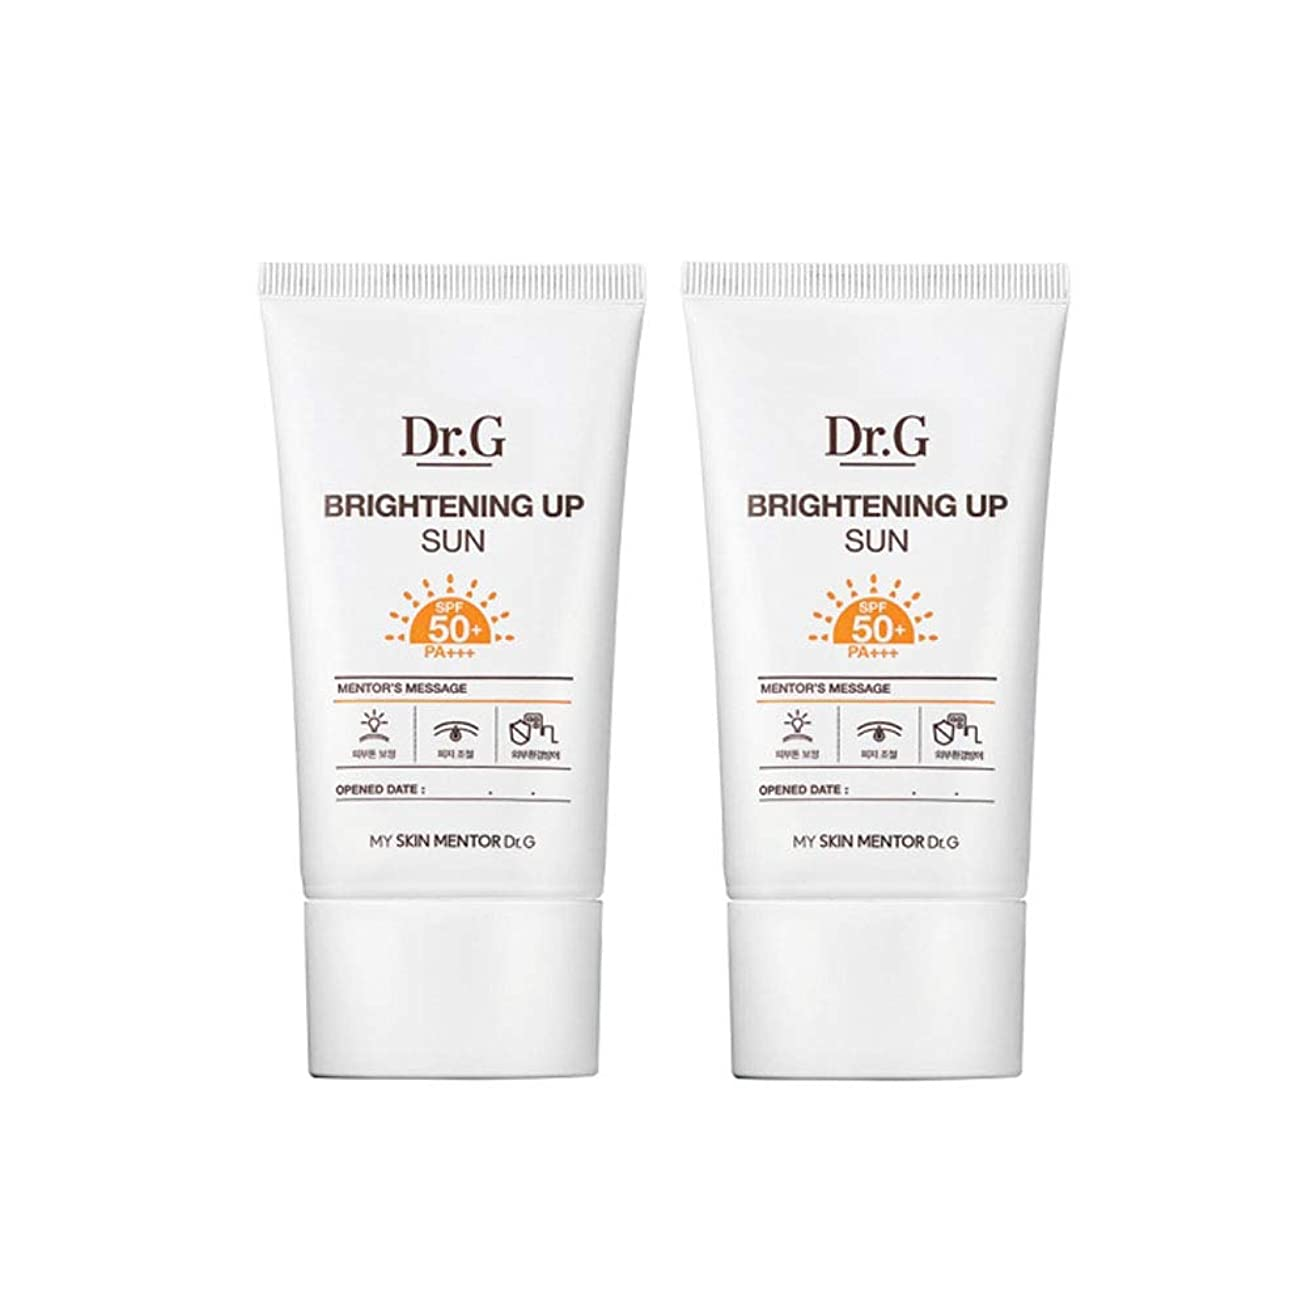 直径歴史マティスドクターGブライトニングアップサンSPF50+ PA+++50ml x2本セットサンクリーム、Dr.G Brightening Up Sun SPF50+ PA+++ 50ml x 2ea Set Sun Cream [並行輸入品]